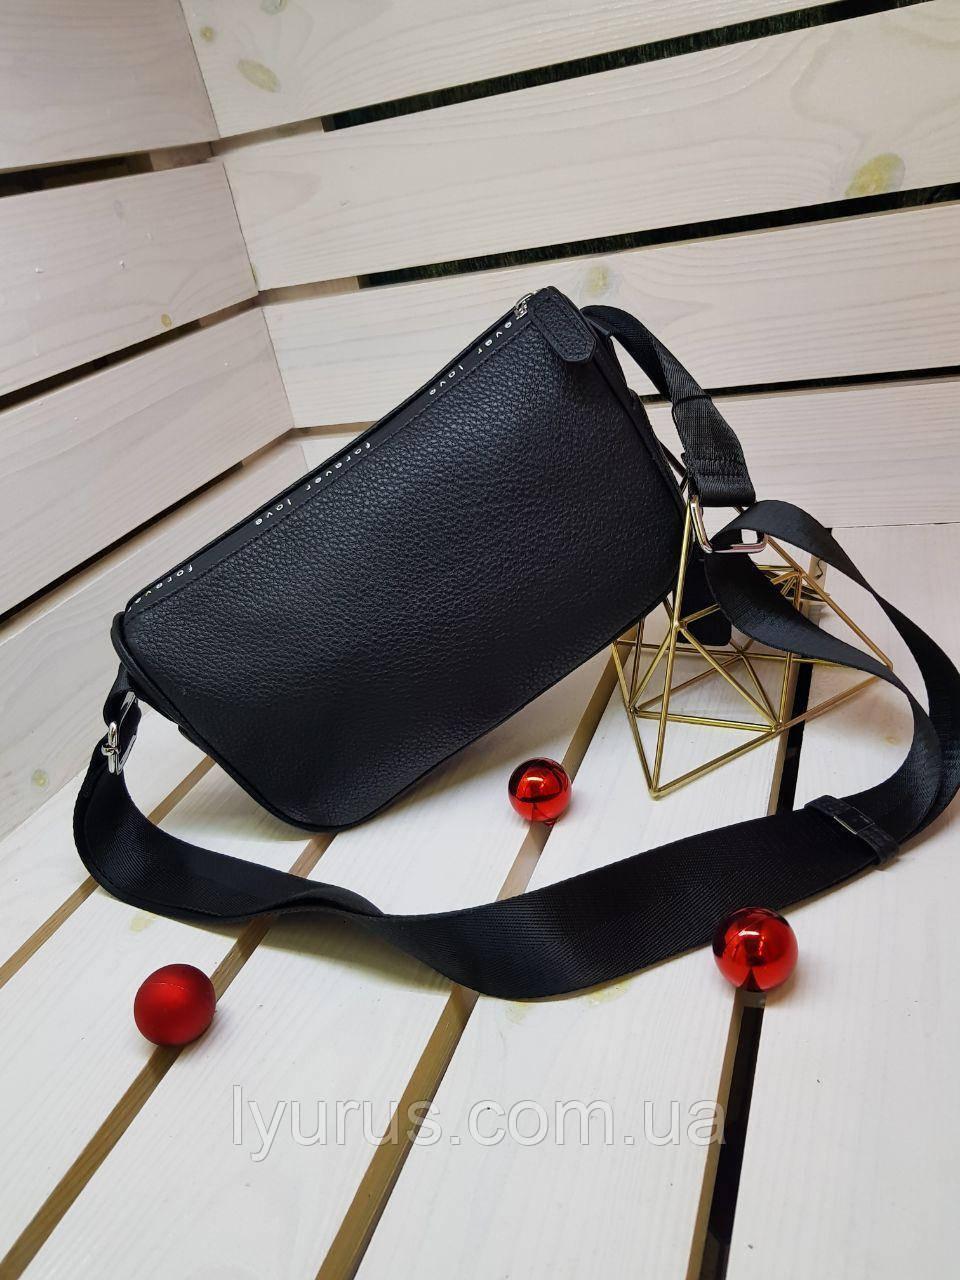 Кожаная женская сумка размером 15х23 см Черная (01077)